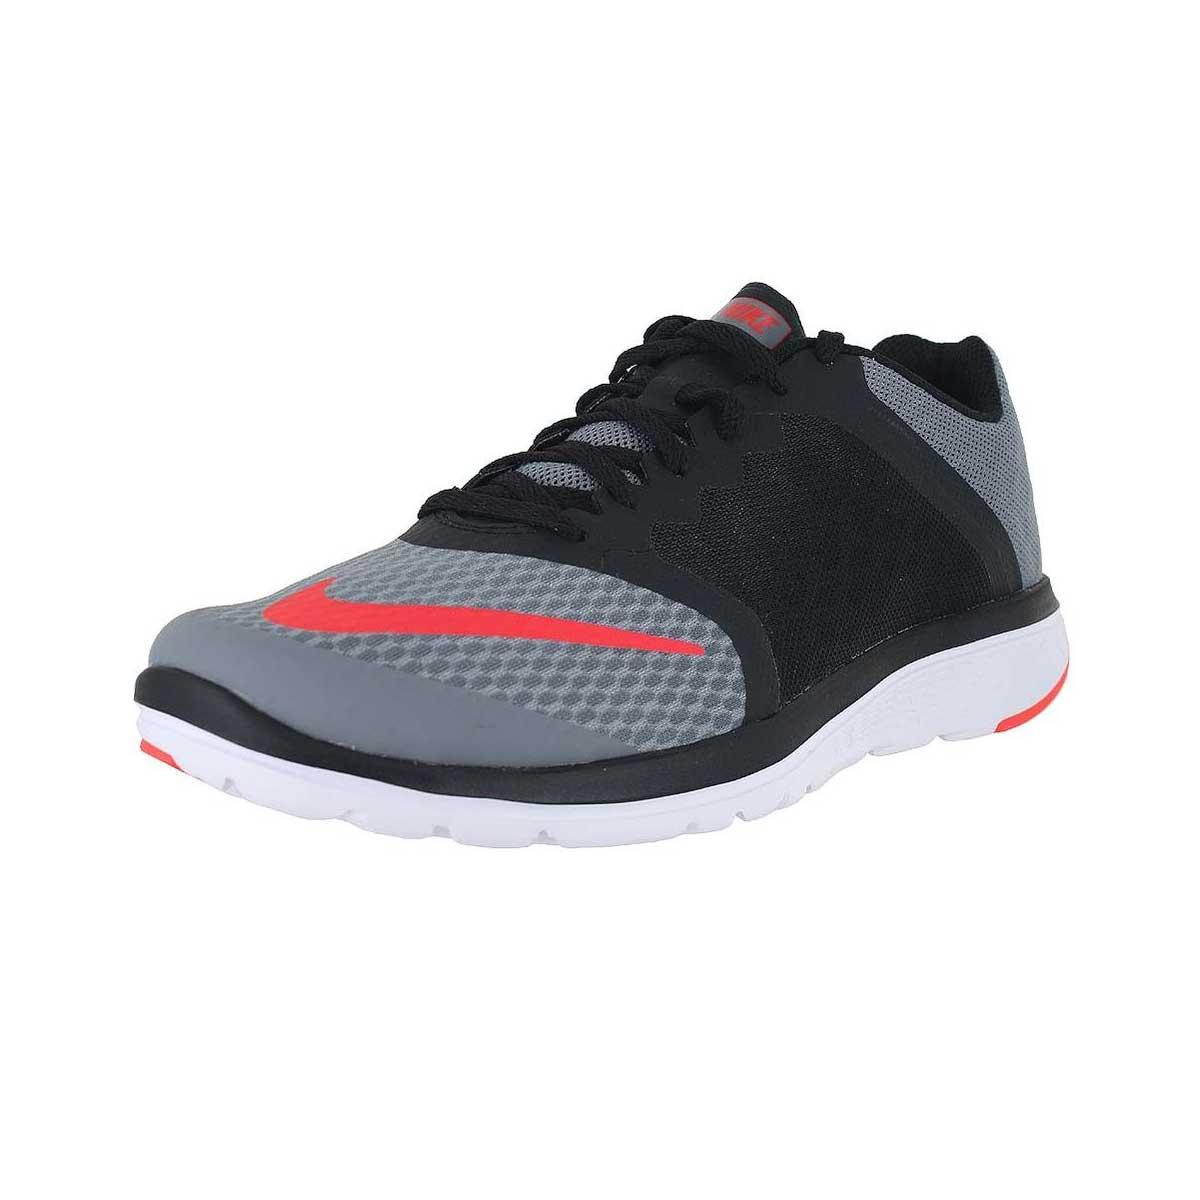 Buy Nike FS Lite Run 3 Men Running Shoes Online India 53fbc4454